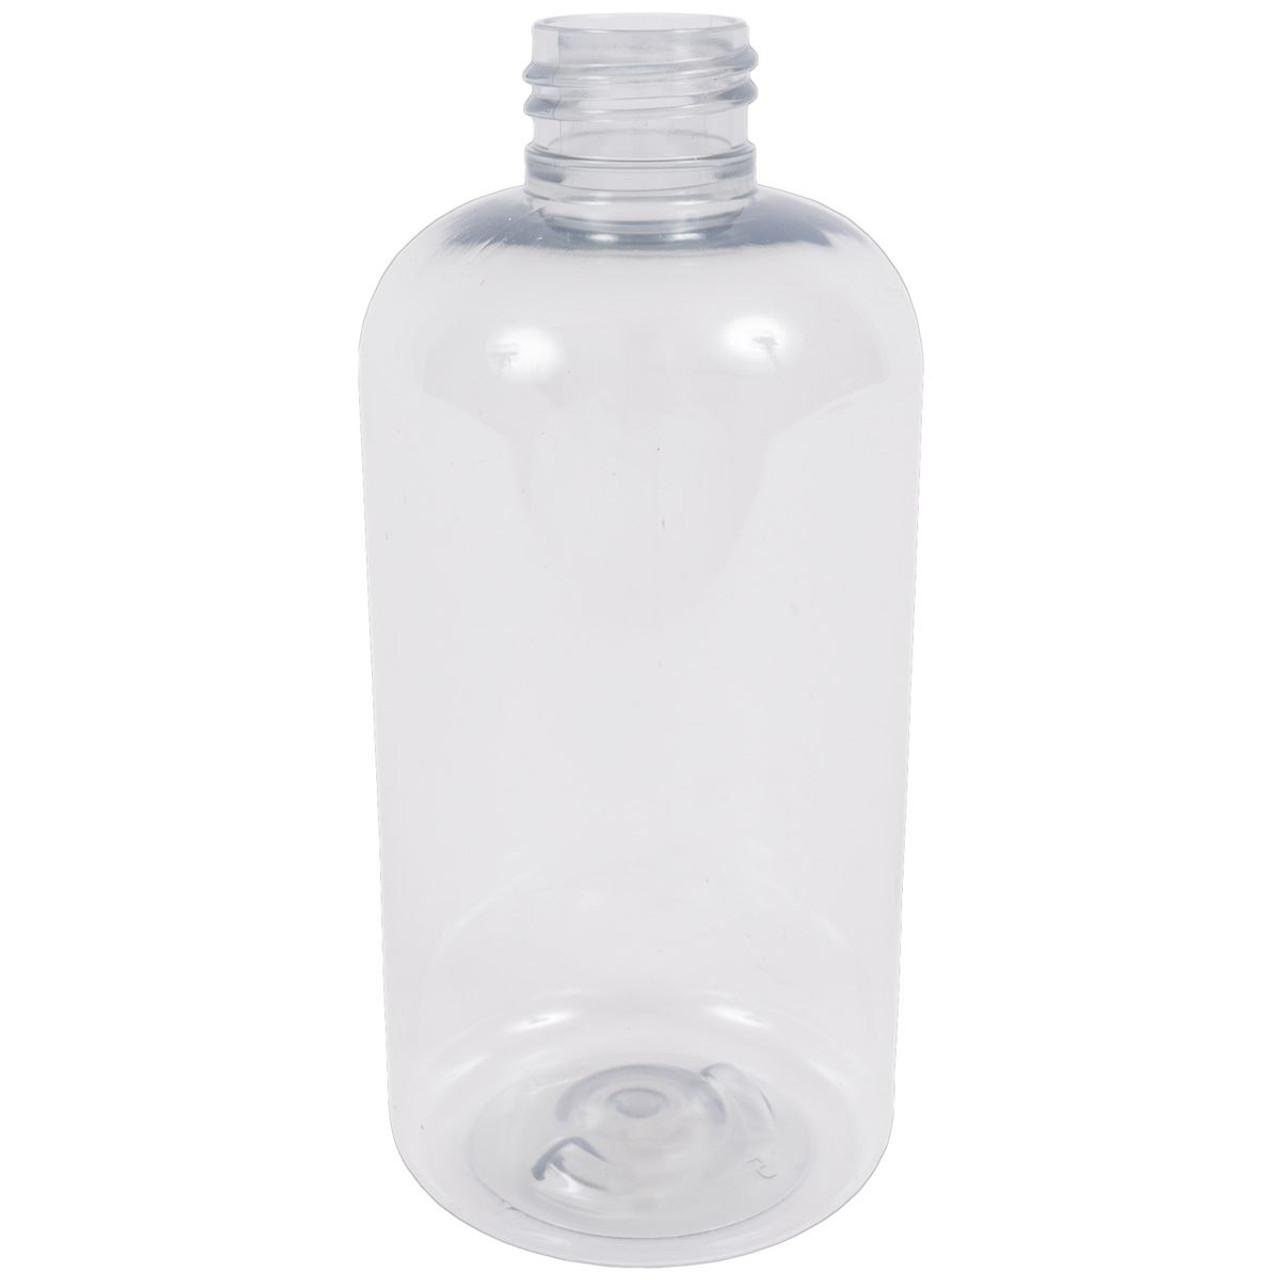 Samuel Heath Replacement Soap Dispenser Bottle L9838